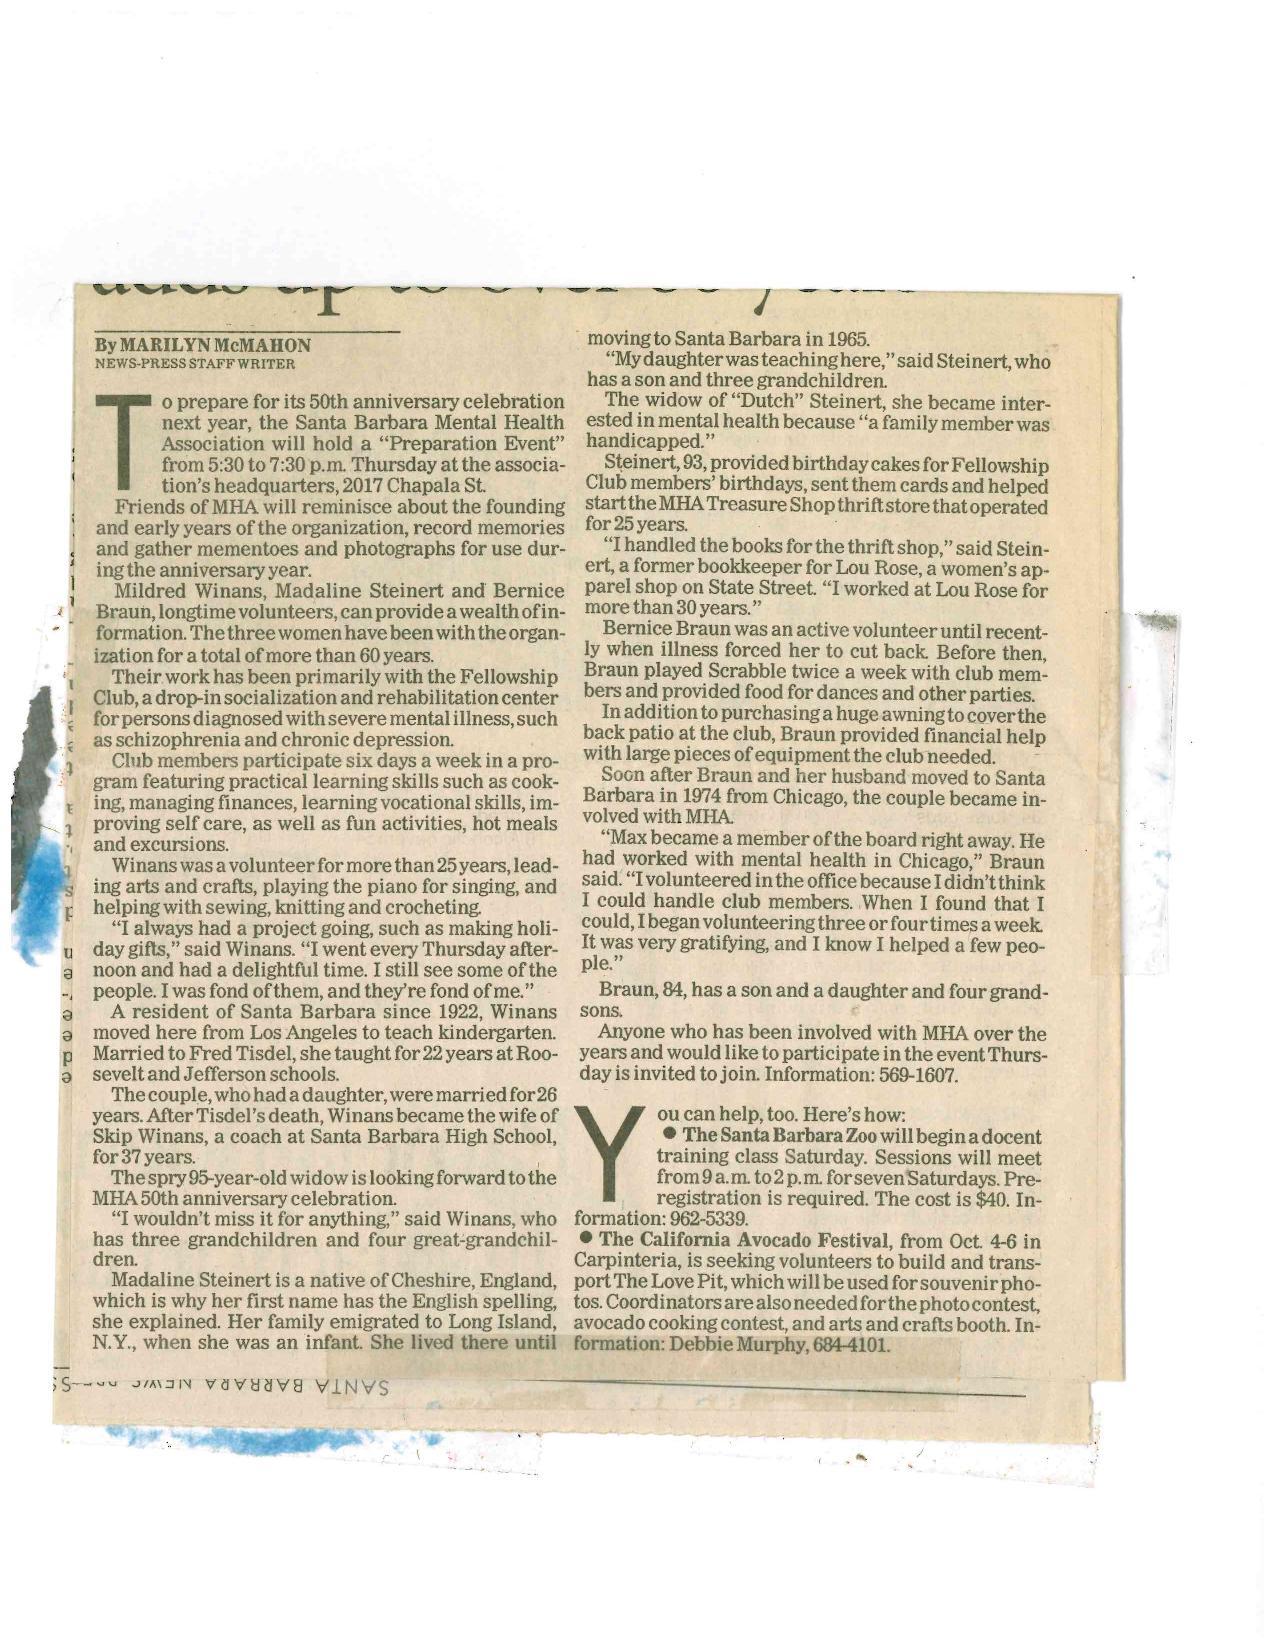 photo 70 part 2 newspaper article volunteer of week 9.15.1996-page-001.jpg